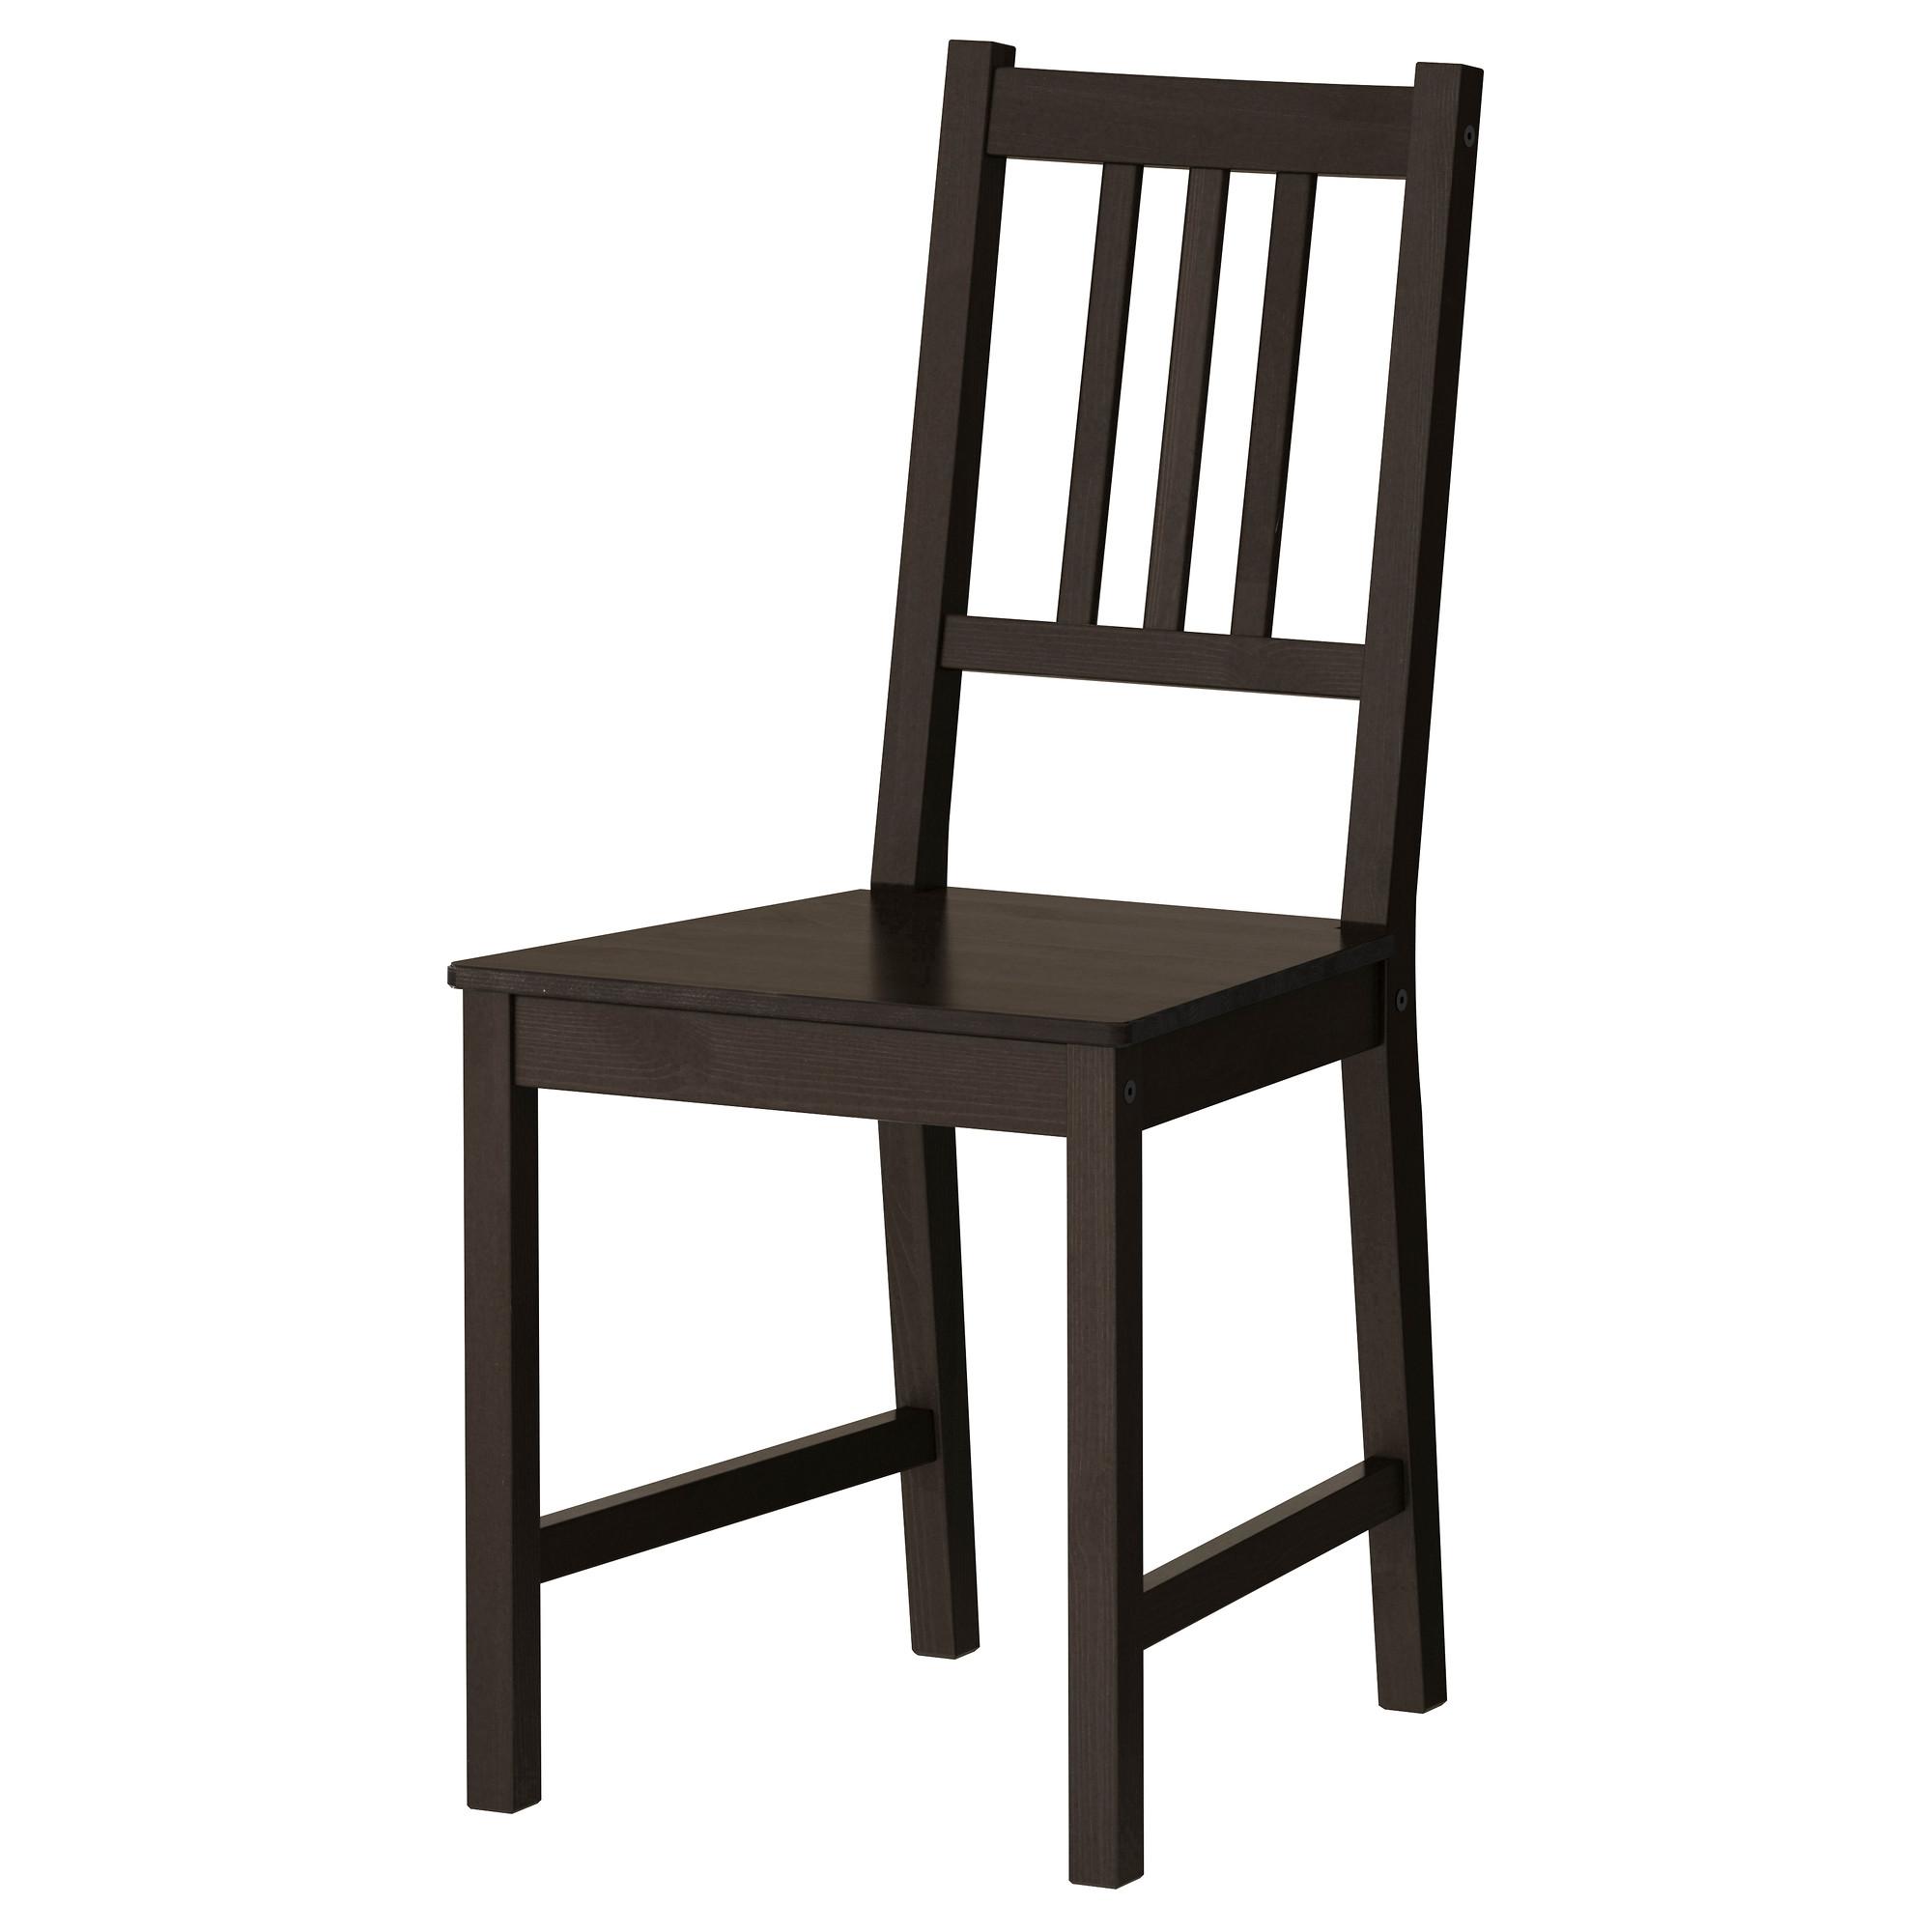 Stefan silla negro marron - Sillones tenerife ...